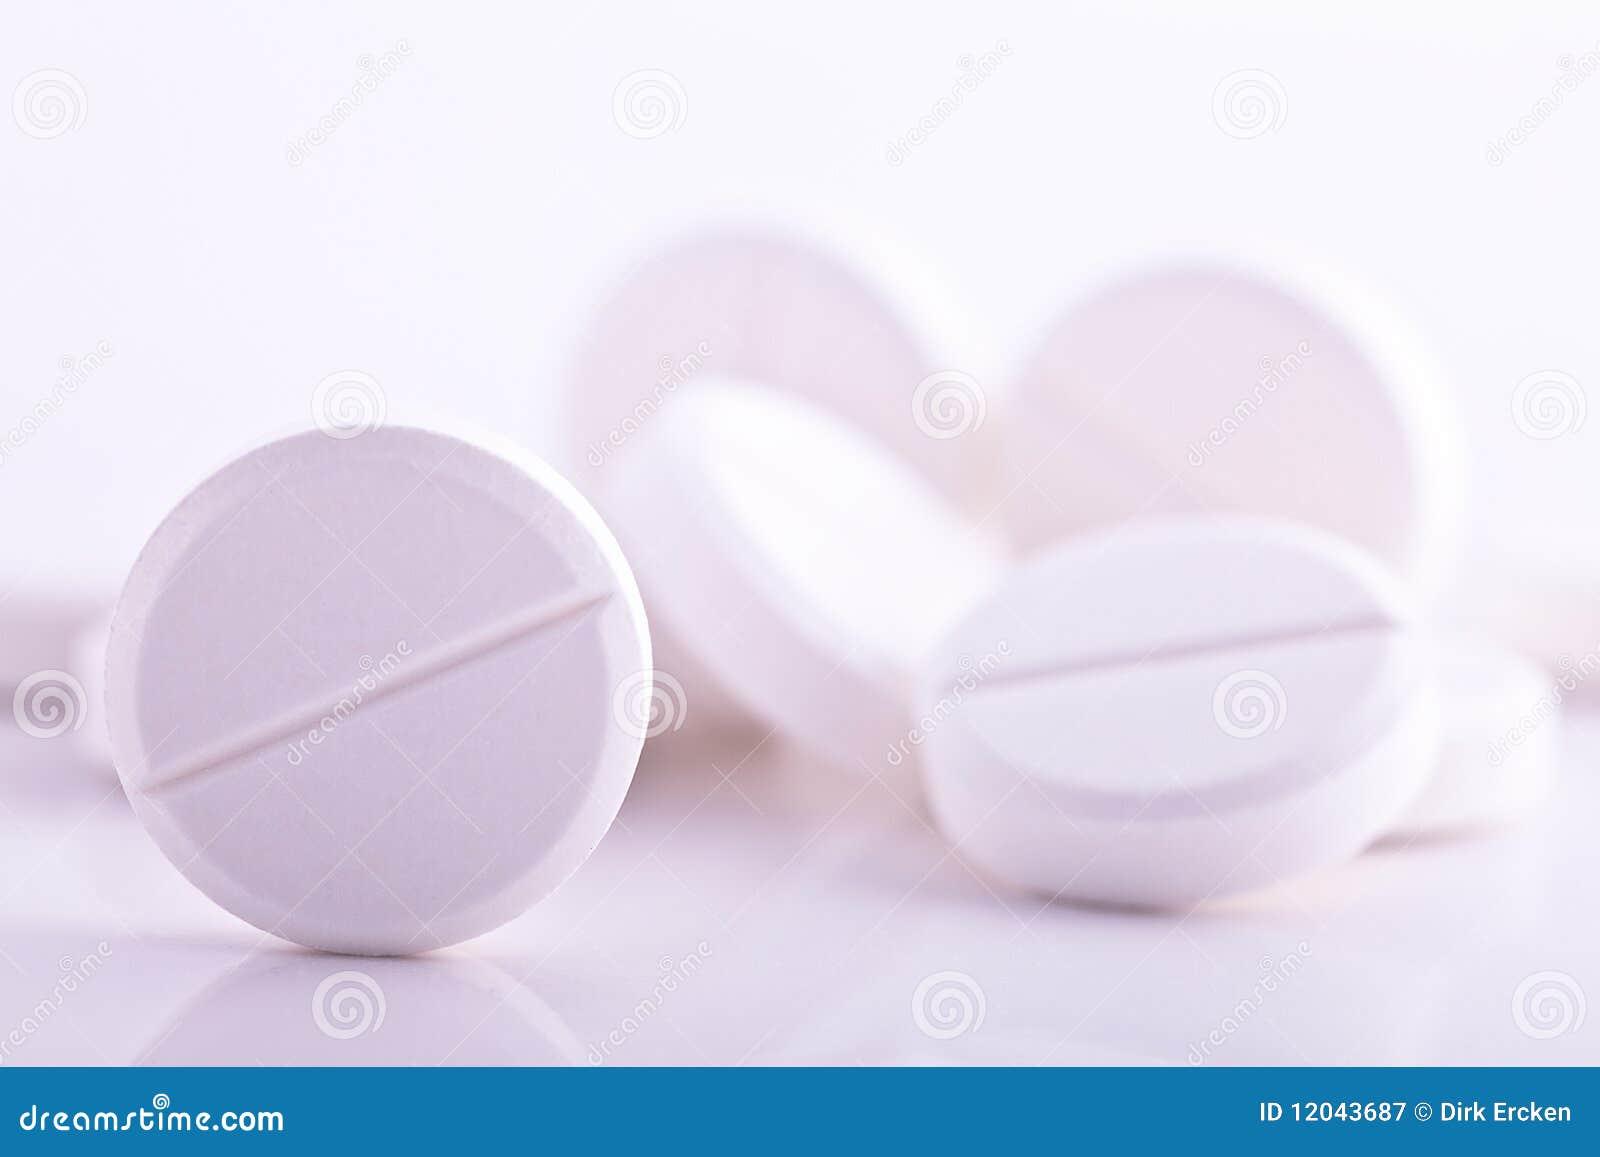 Aspiryny migreny medycyny paracetamol pigułki biały